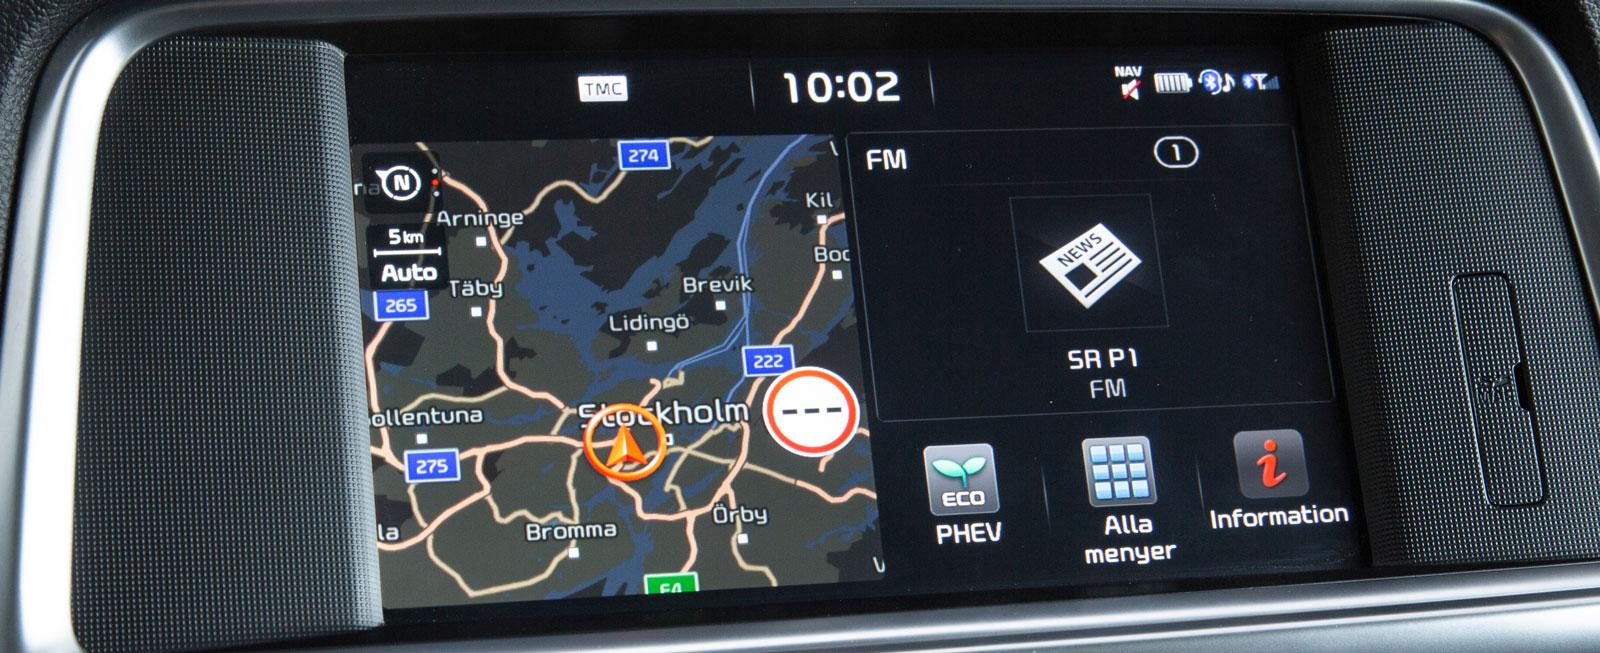 Enkelt att sköta men funktionerna är jämförelsevis ganska begränsade. Navigation, radio och kommunikation sköts via skärmen, bilinställningar med rattknapparna.